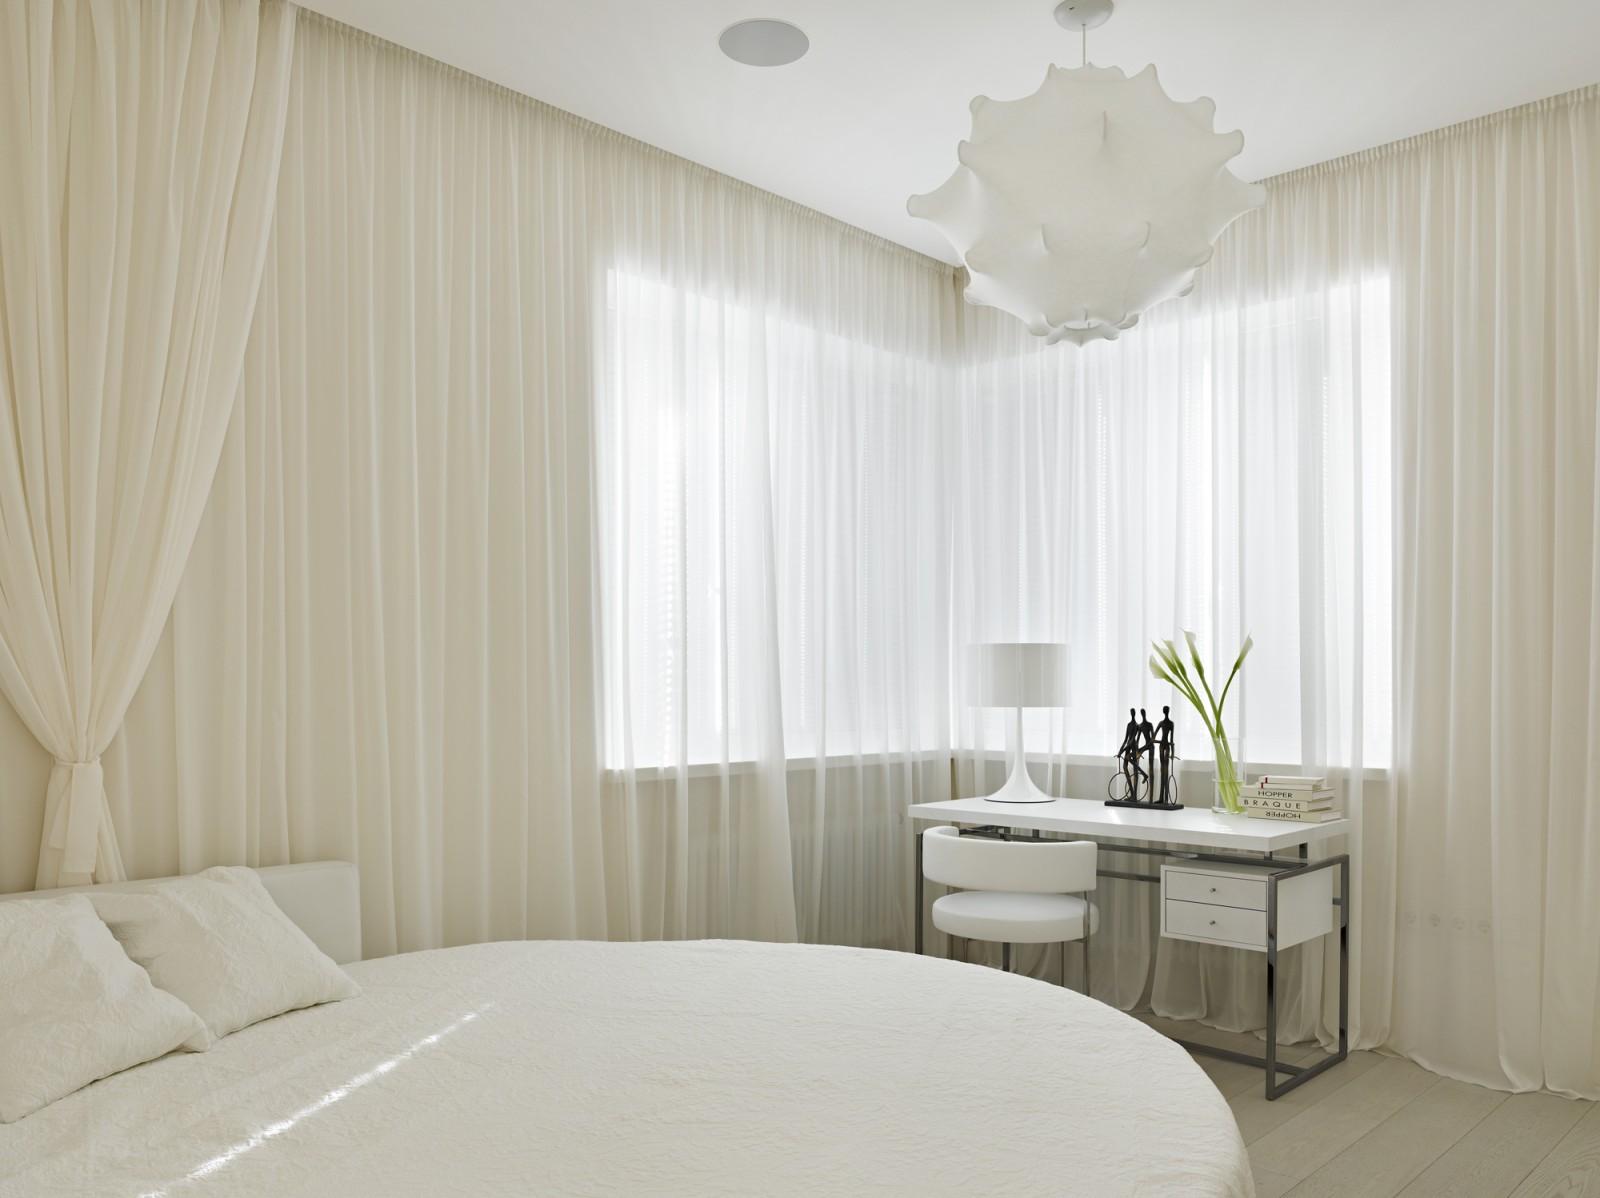 View In Gallery Bilik Tidur Serba Putih Yang Dengan Langsir Mewah